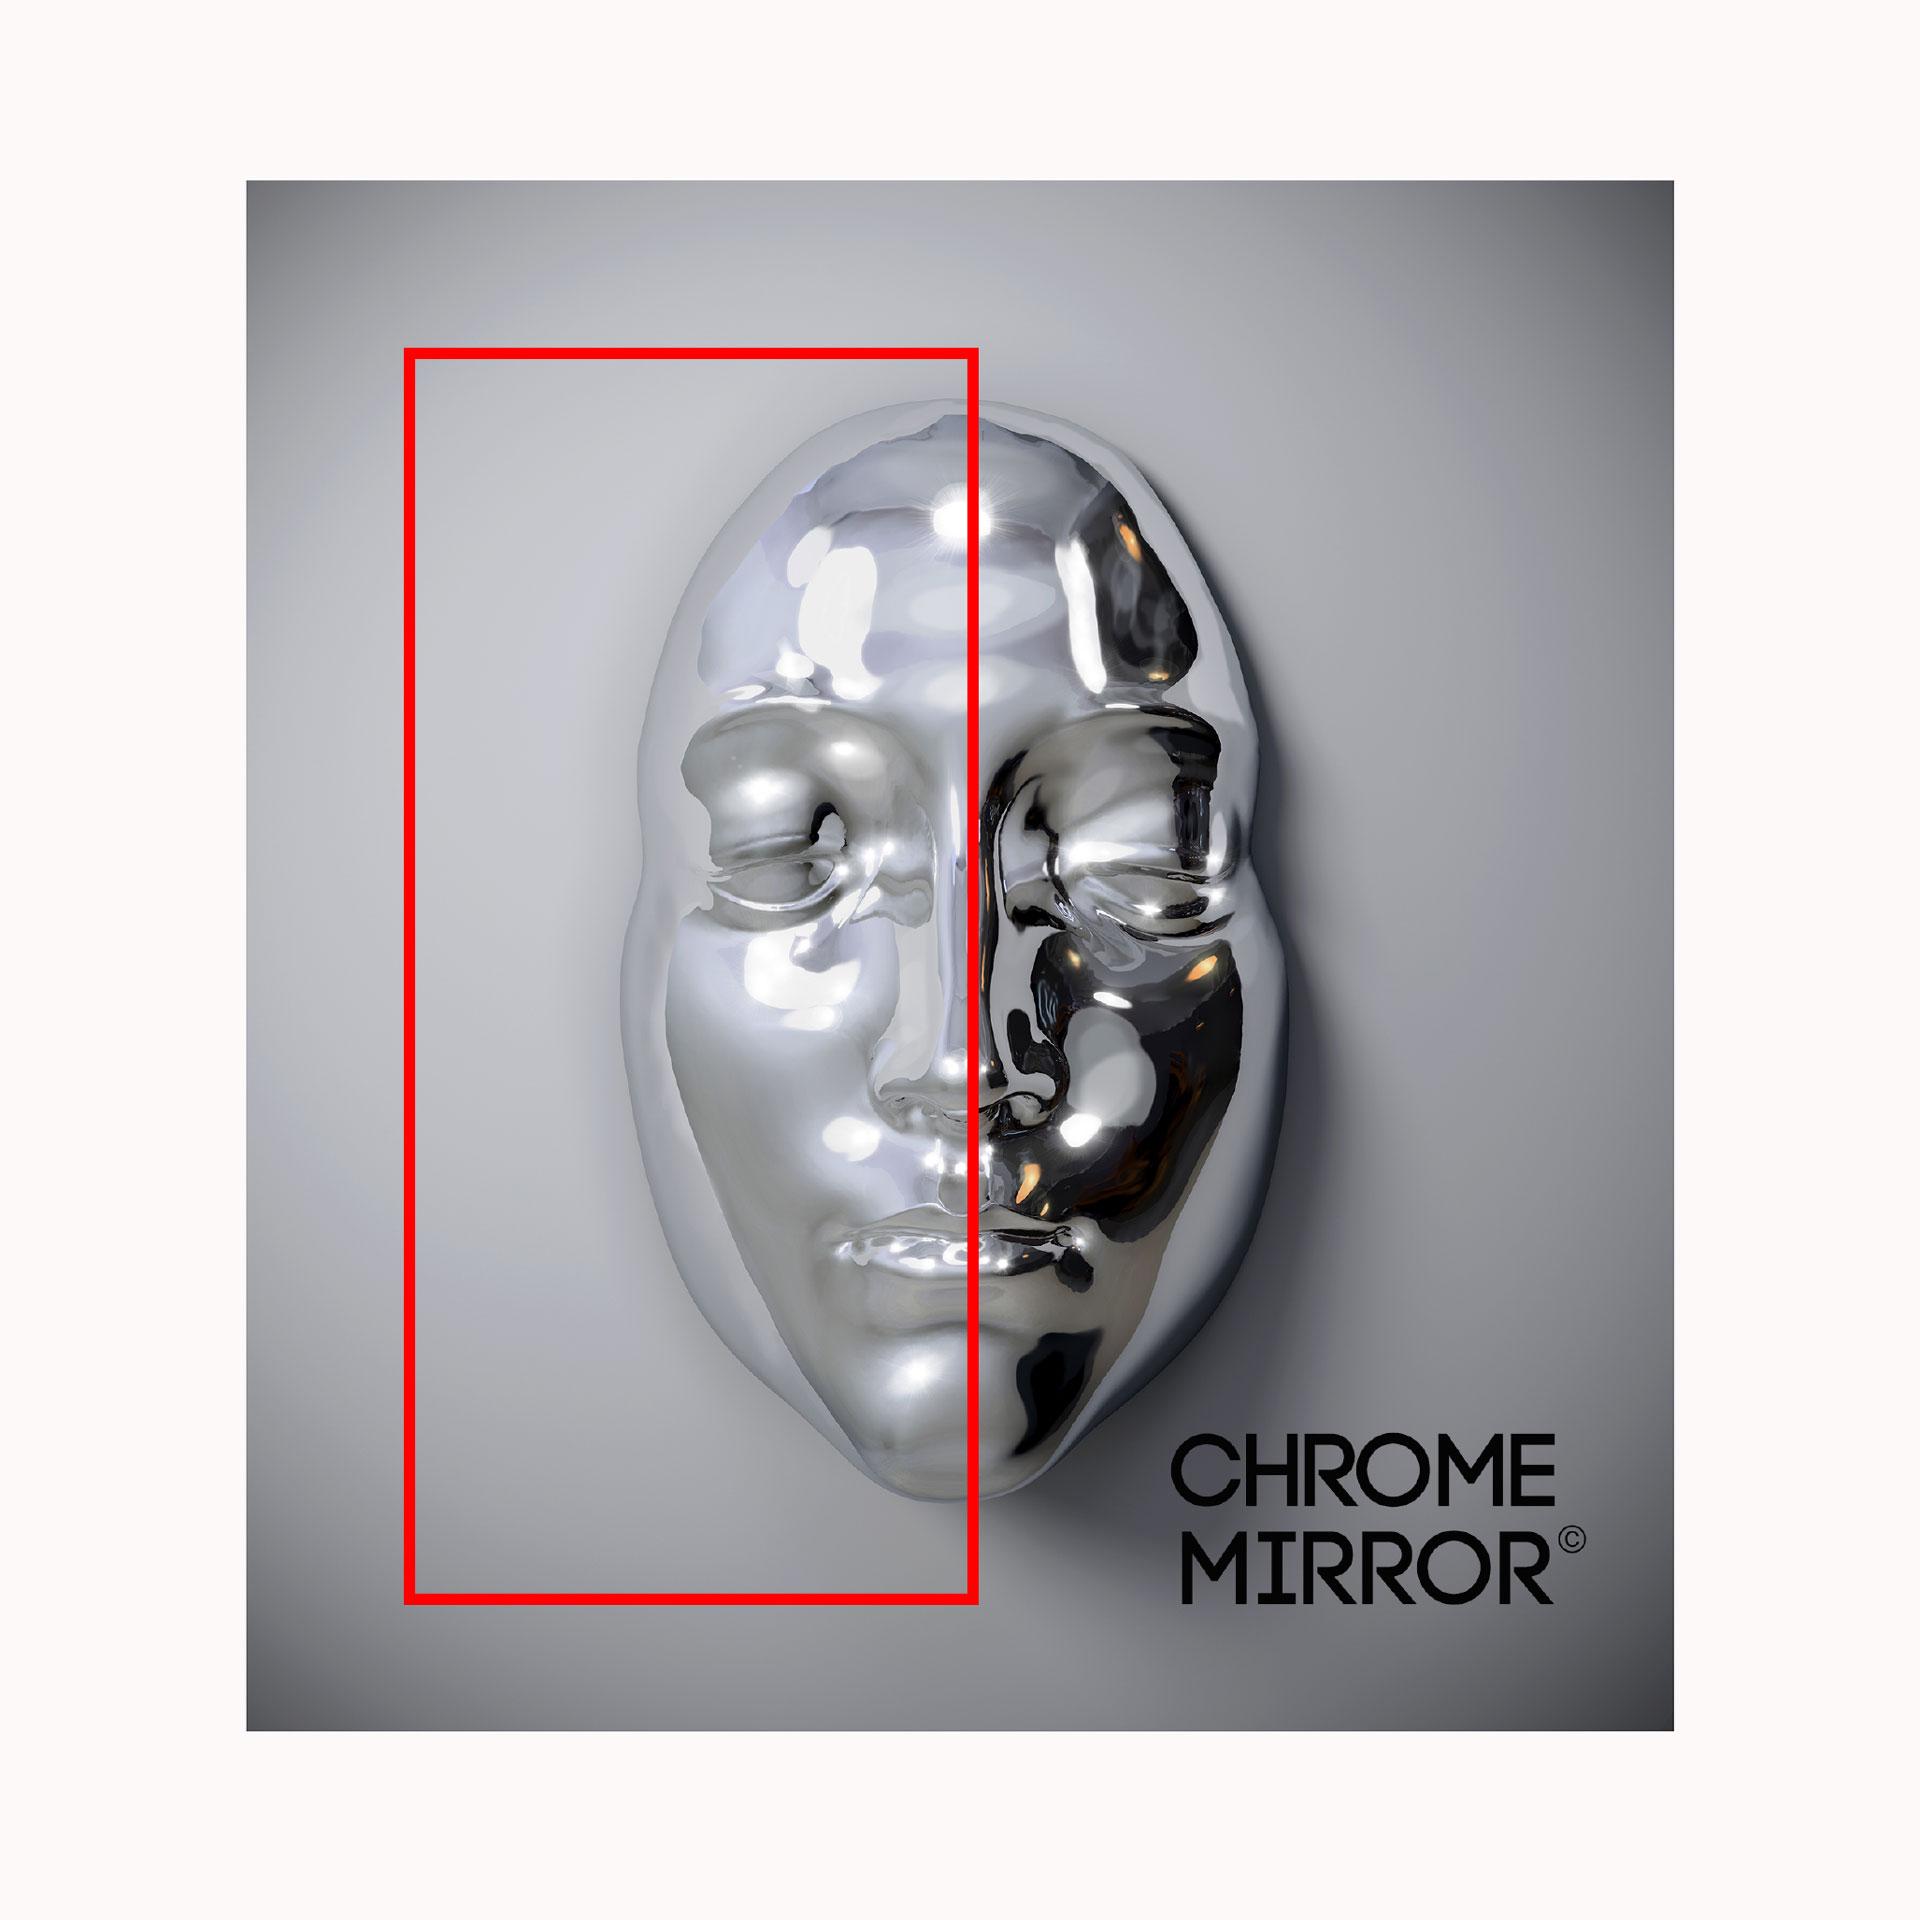 https://www.moltenivernici.com/cataloghi-it/catalogo-chrome-mirror-ecocromo-molteni-vernici